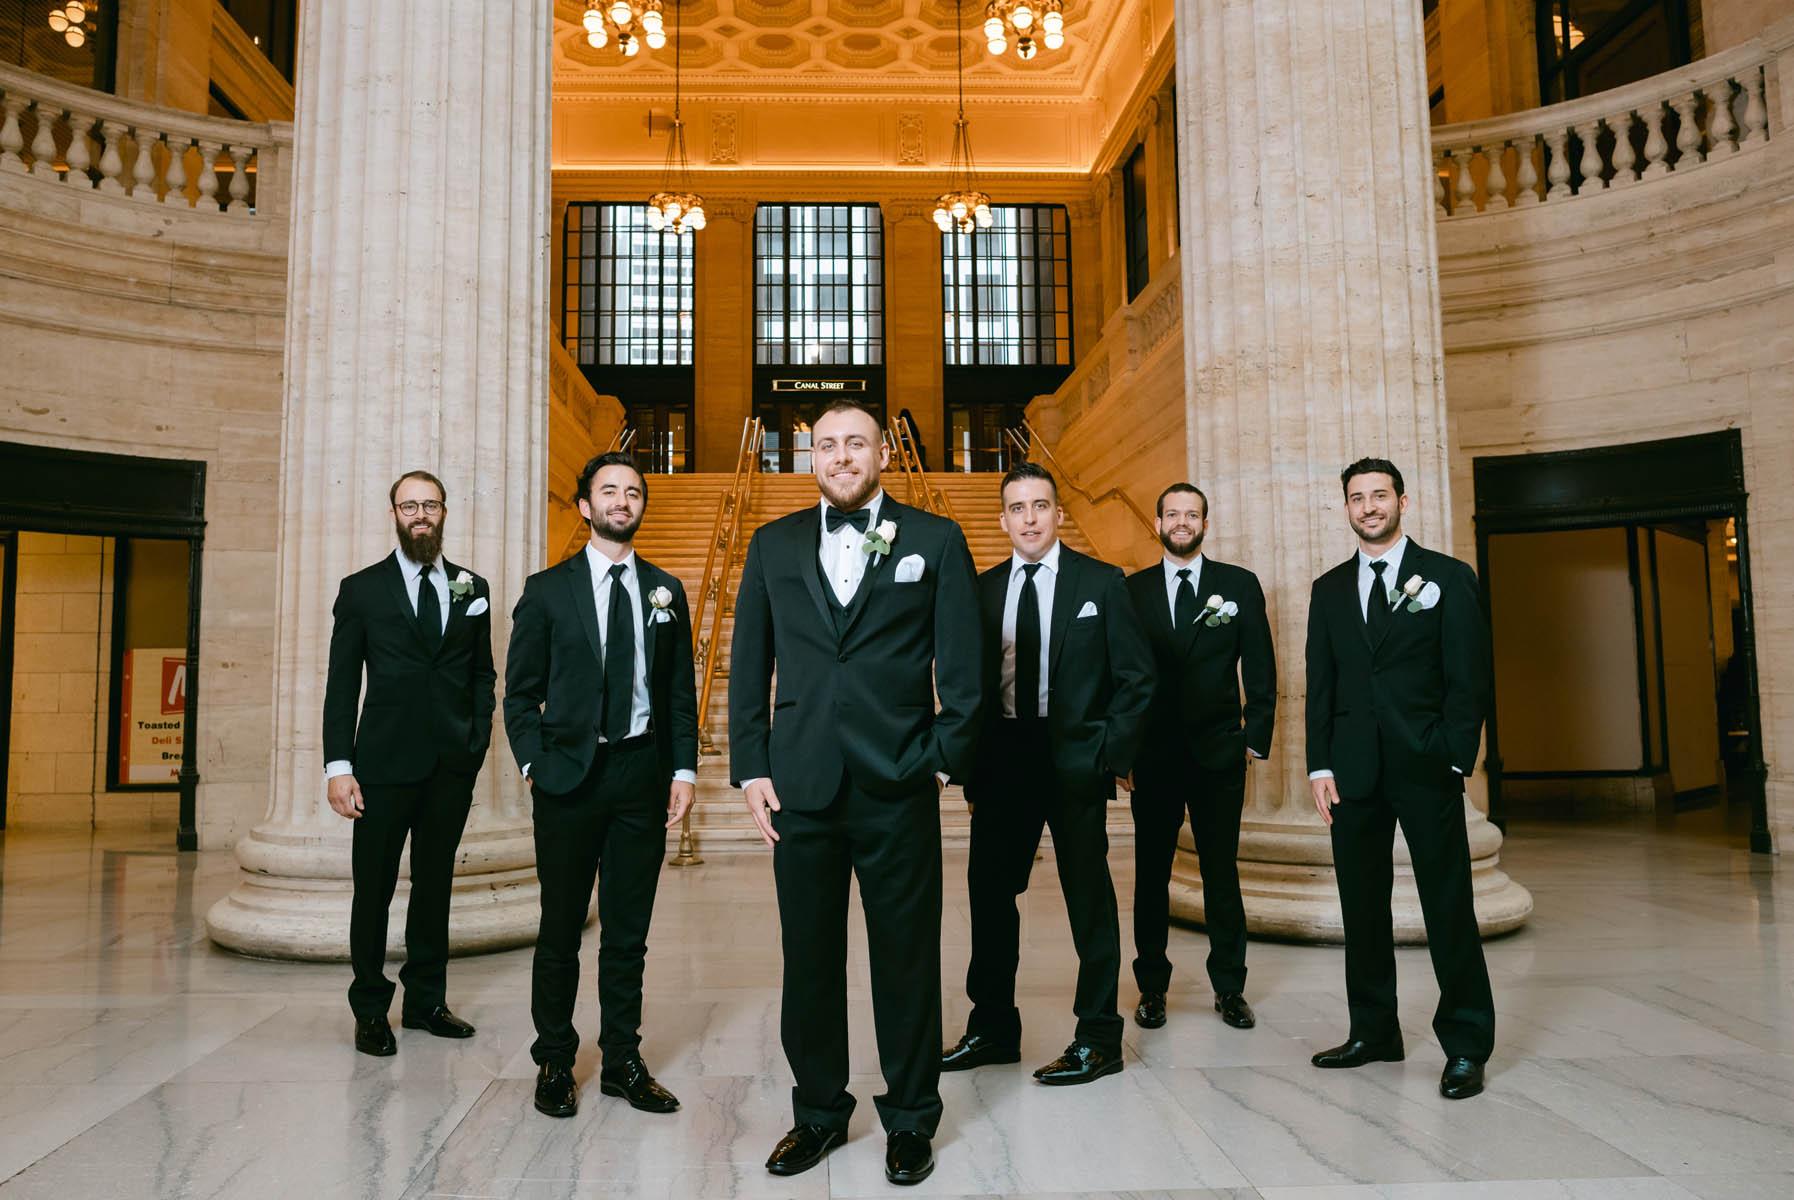 Union Station Wedding Photo